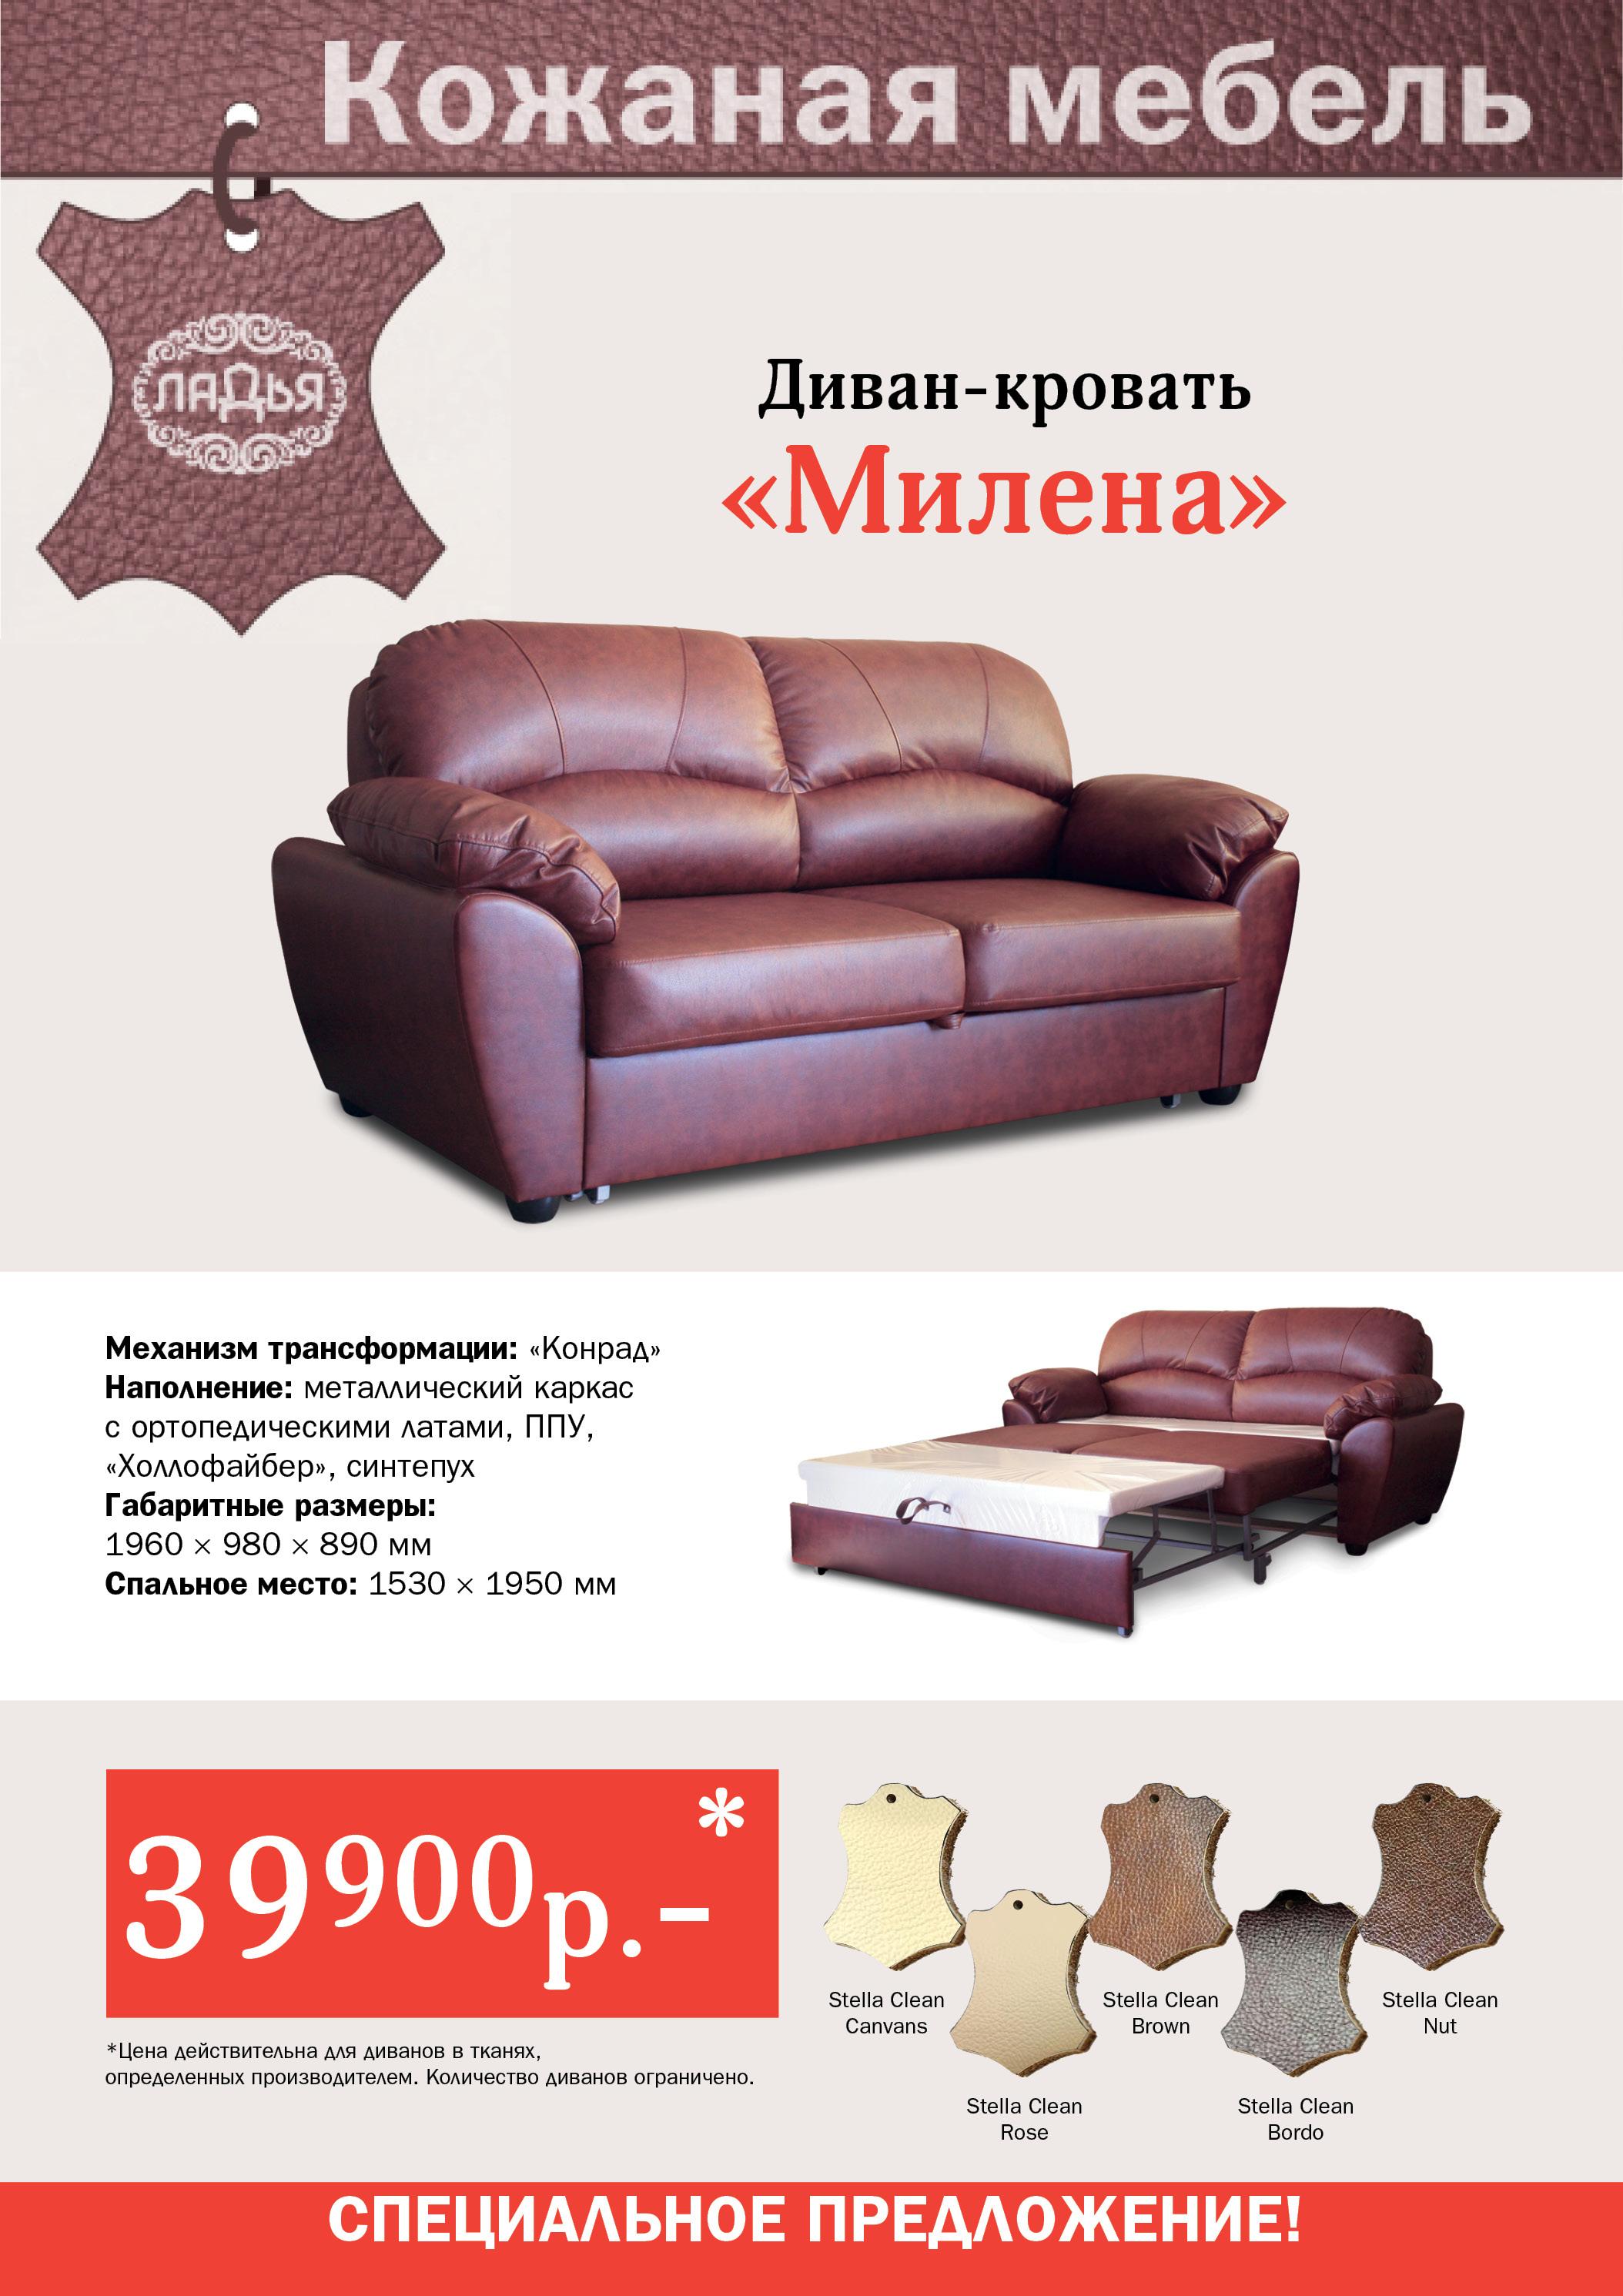 купить диван недорого в москве распродажа акции